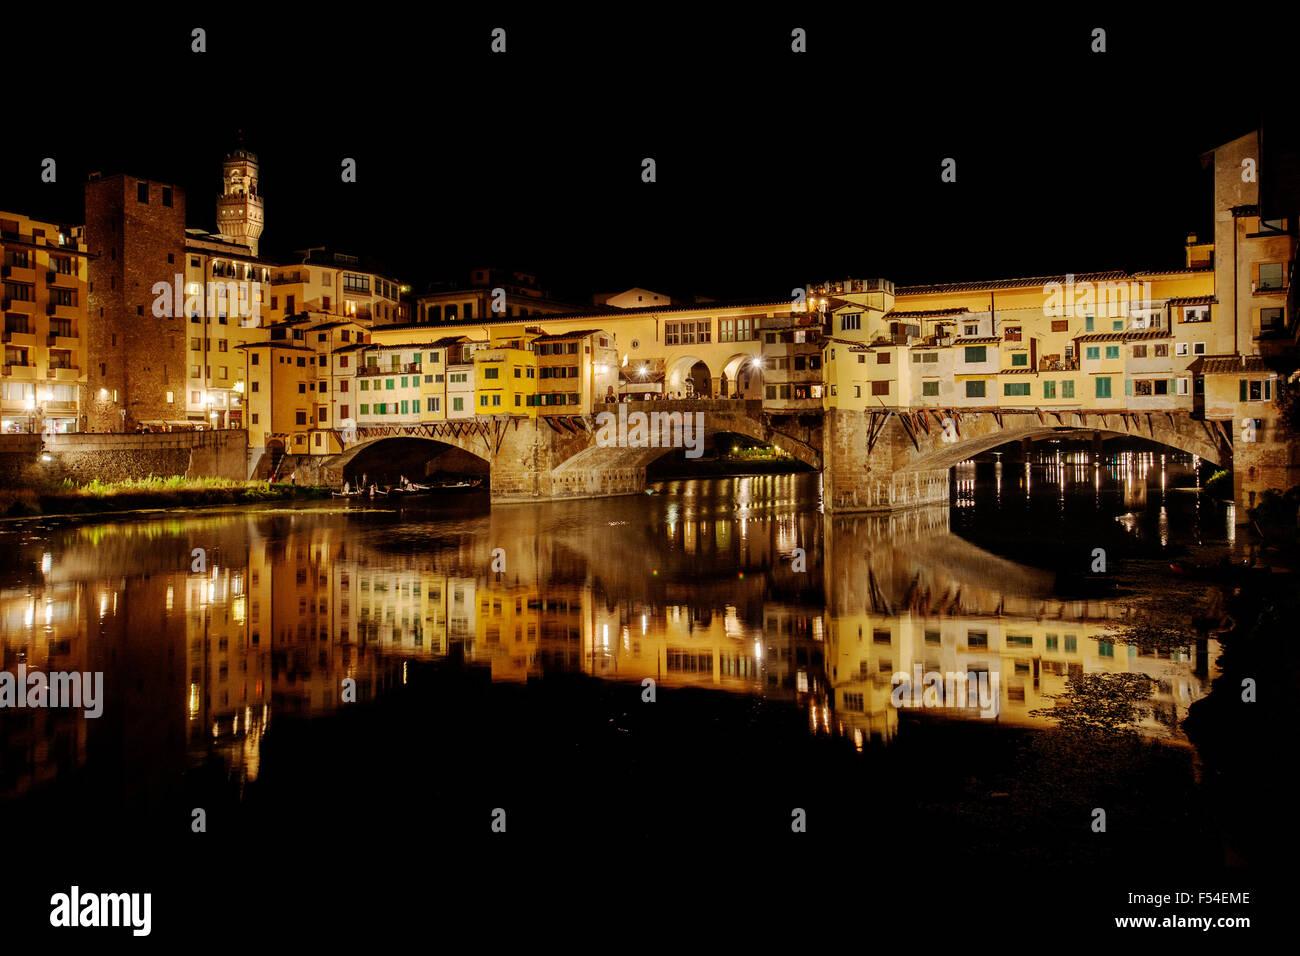 Le Ponte Vecchio, le Vieux Pont, Taddeo Gaddi, sur l'Arno à Florence Italie pendant la nuit Photo Stock